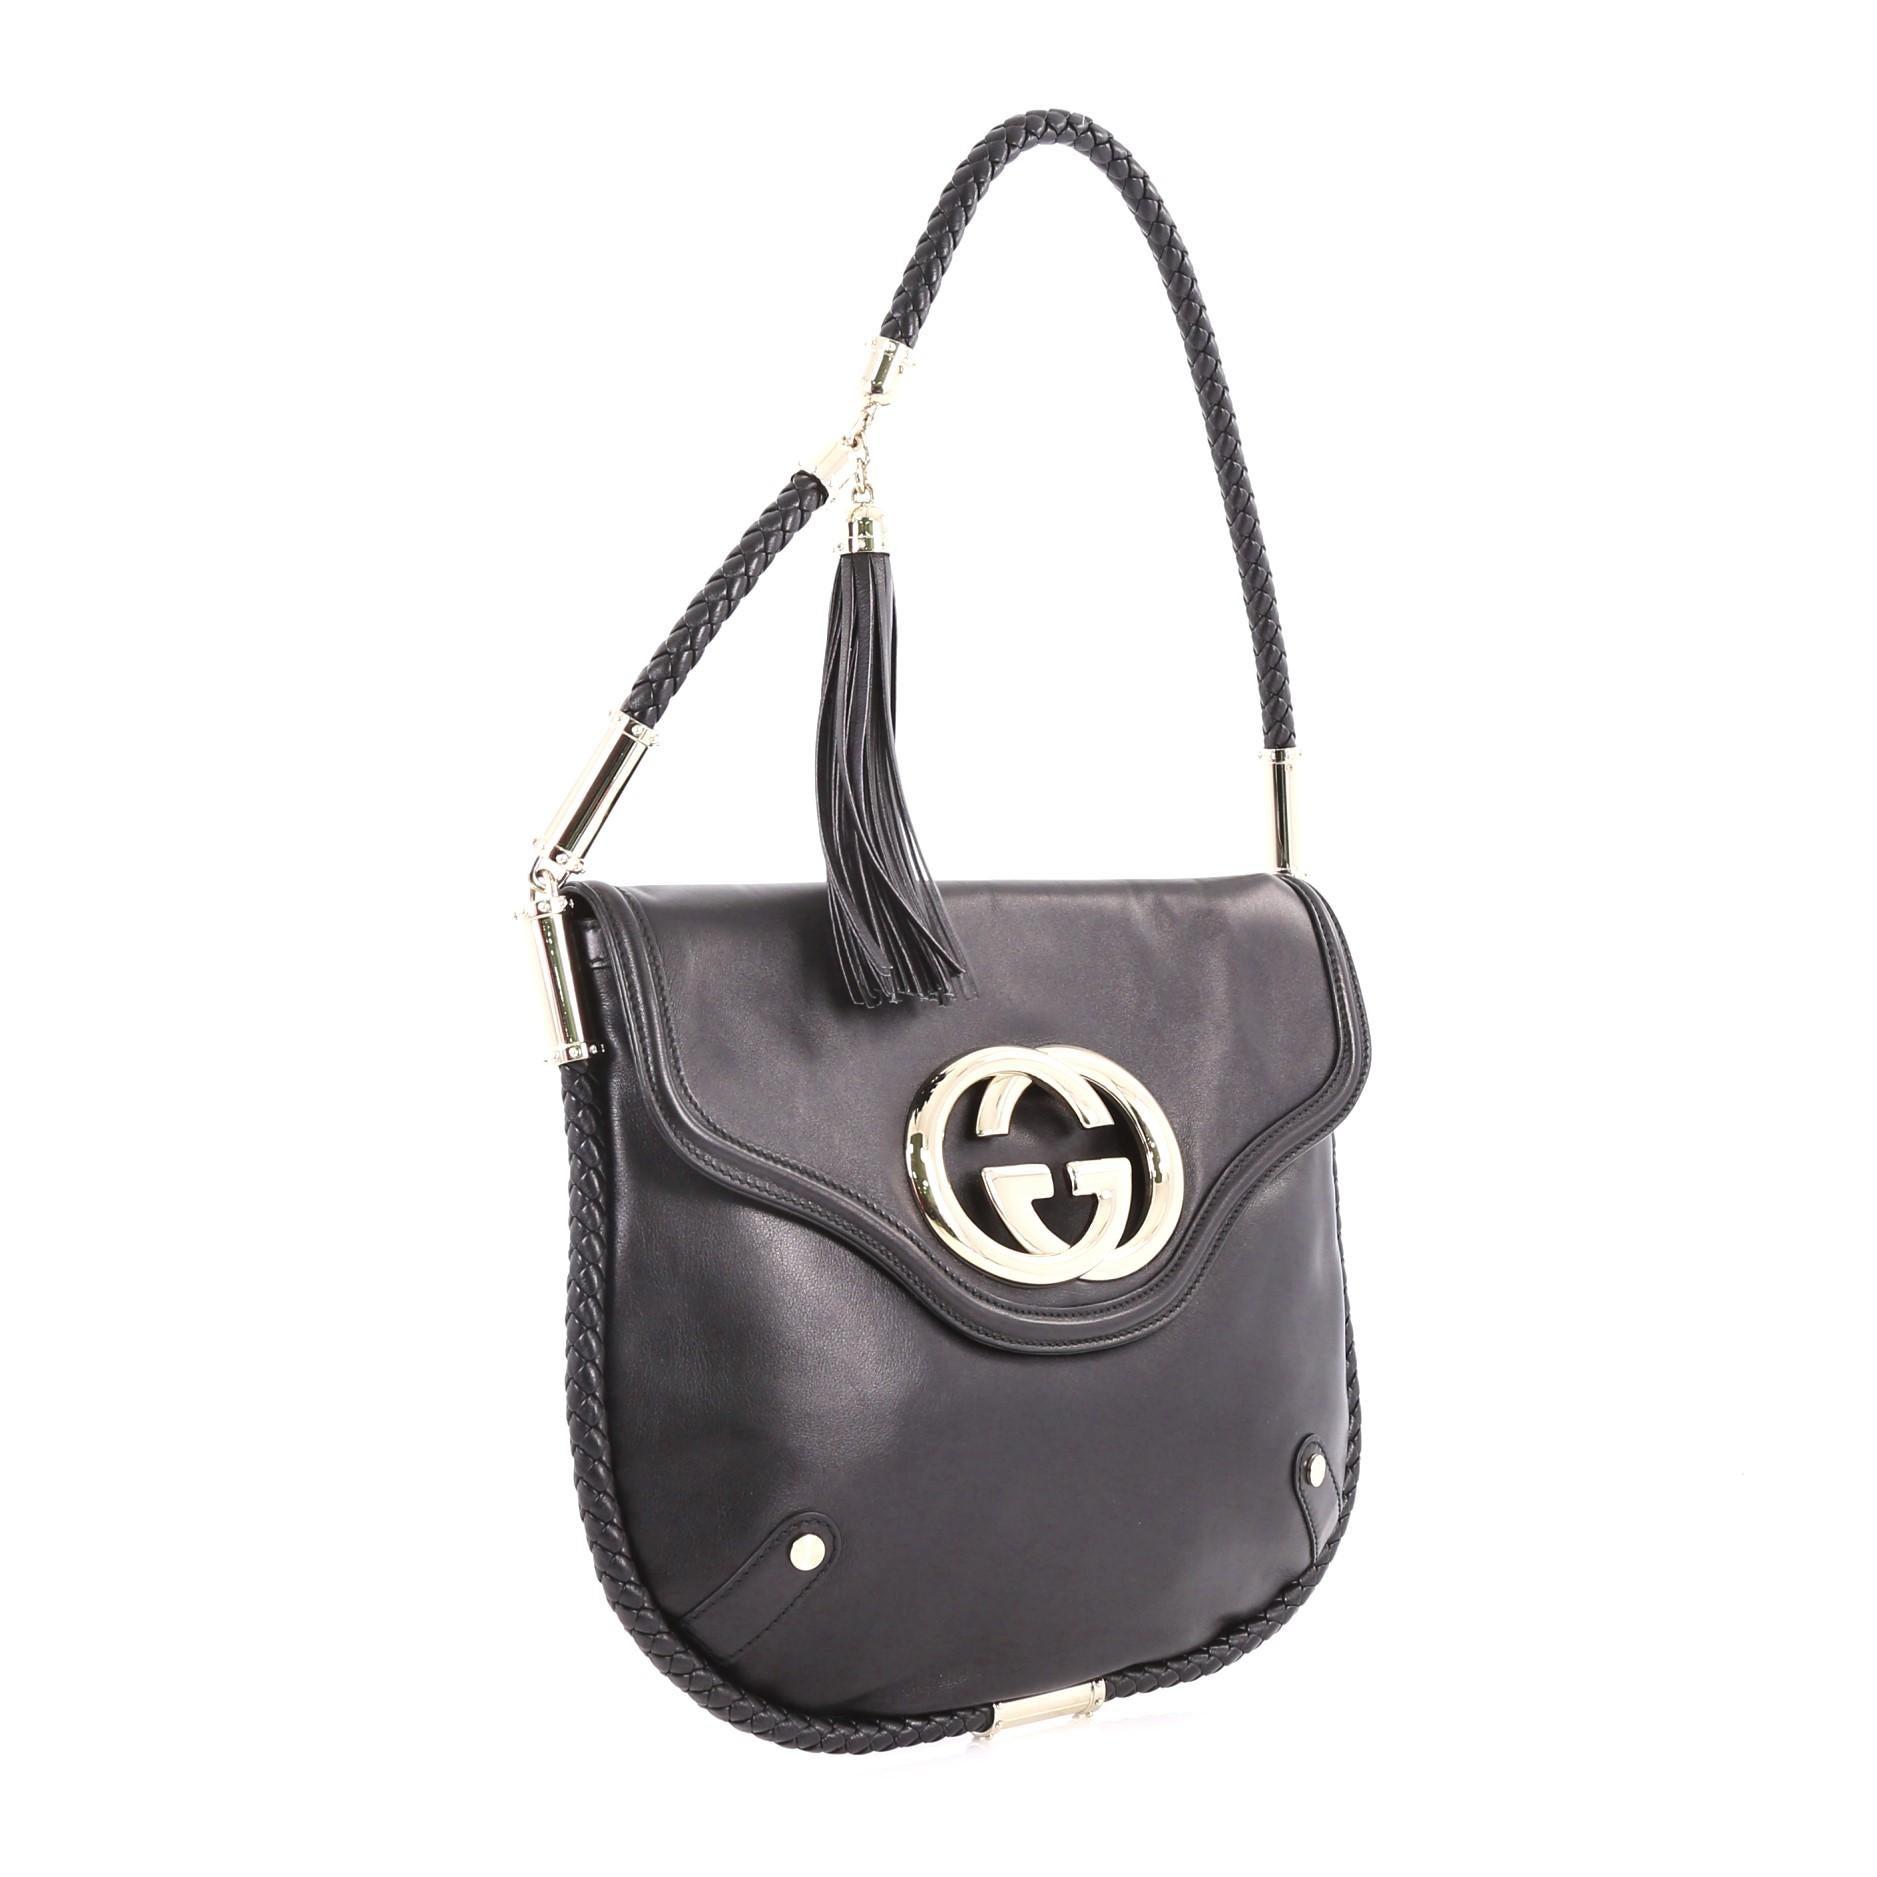 0035f0347813 Gucci Britt Tassel Flap Bag Leather Medium at 1stdibs